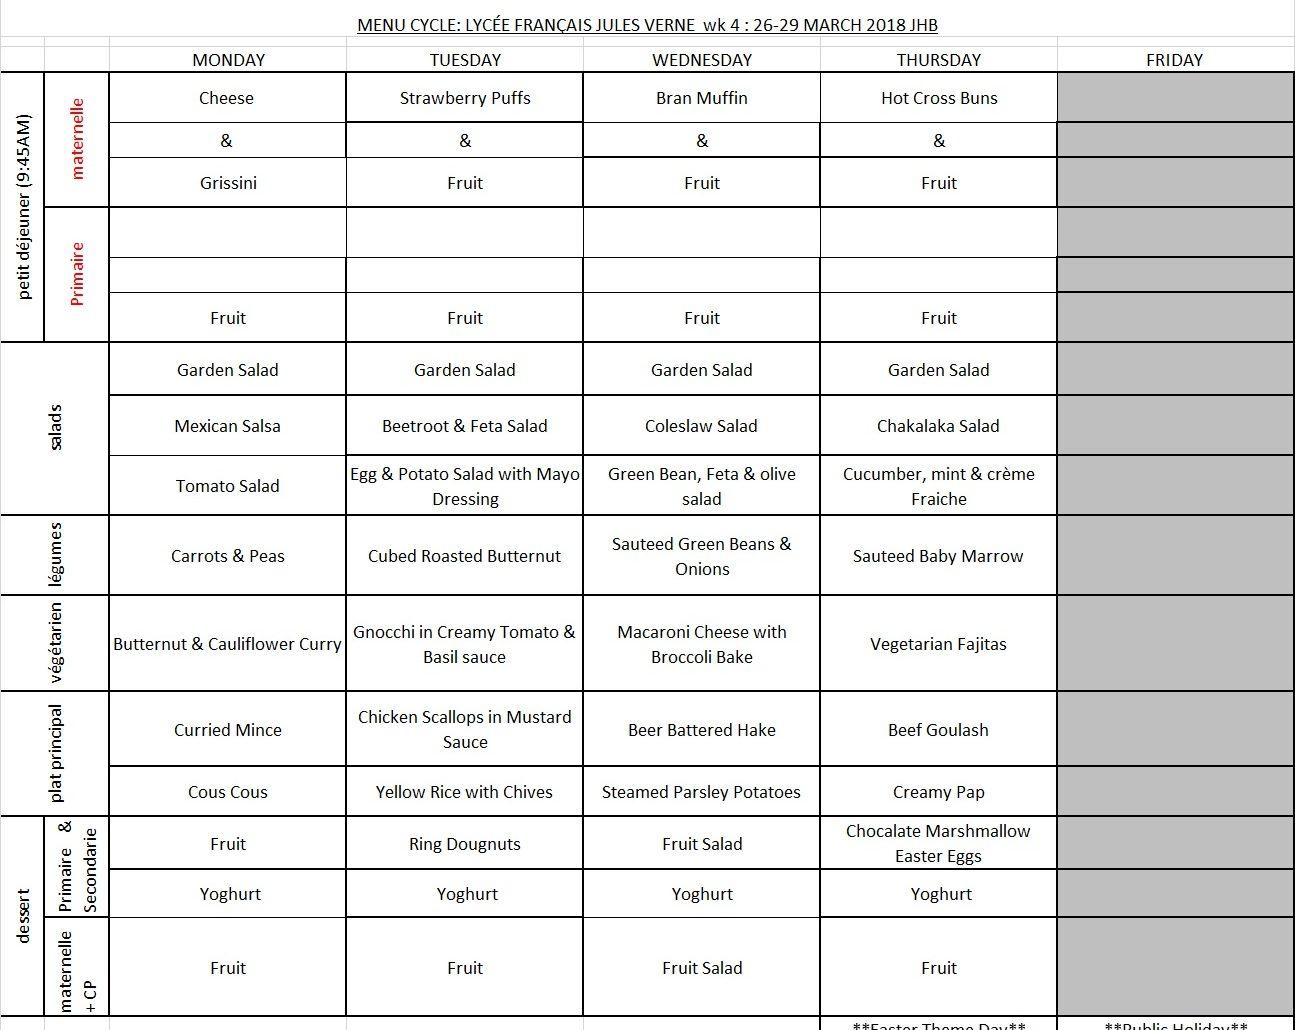 MENU JHB - WEEK 4 - 26 MARCH